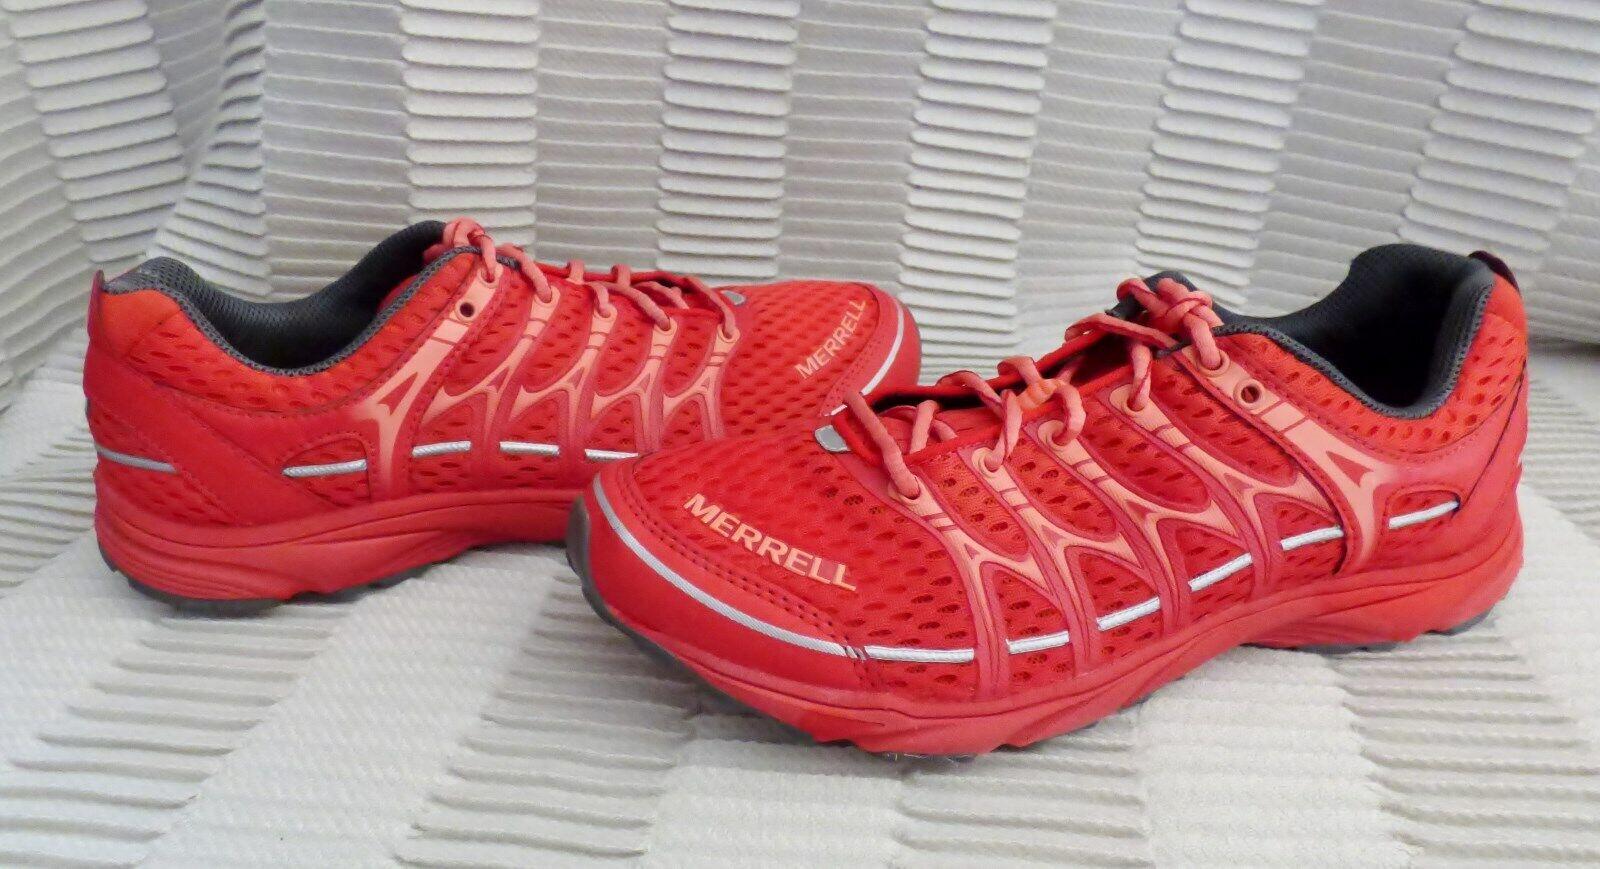 Femme Bon état Merrell Mix Master Move Glide rouge Trail chaussures De Course J559704 Taille 7.5